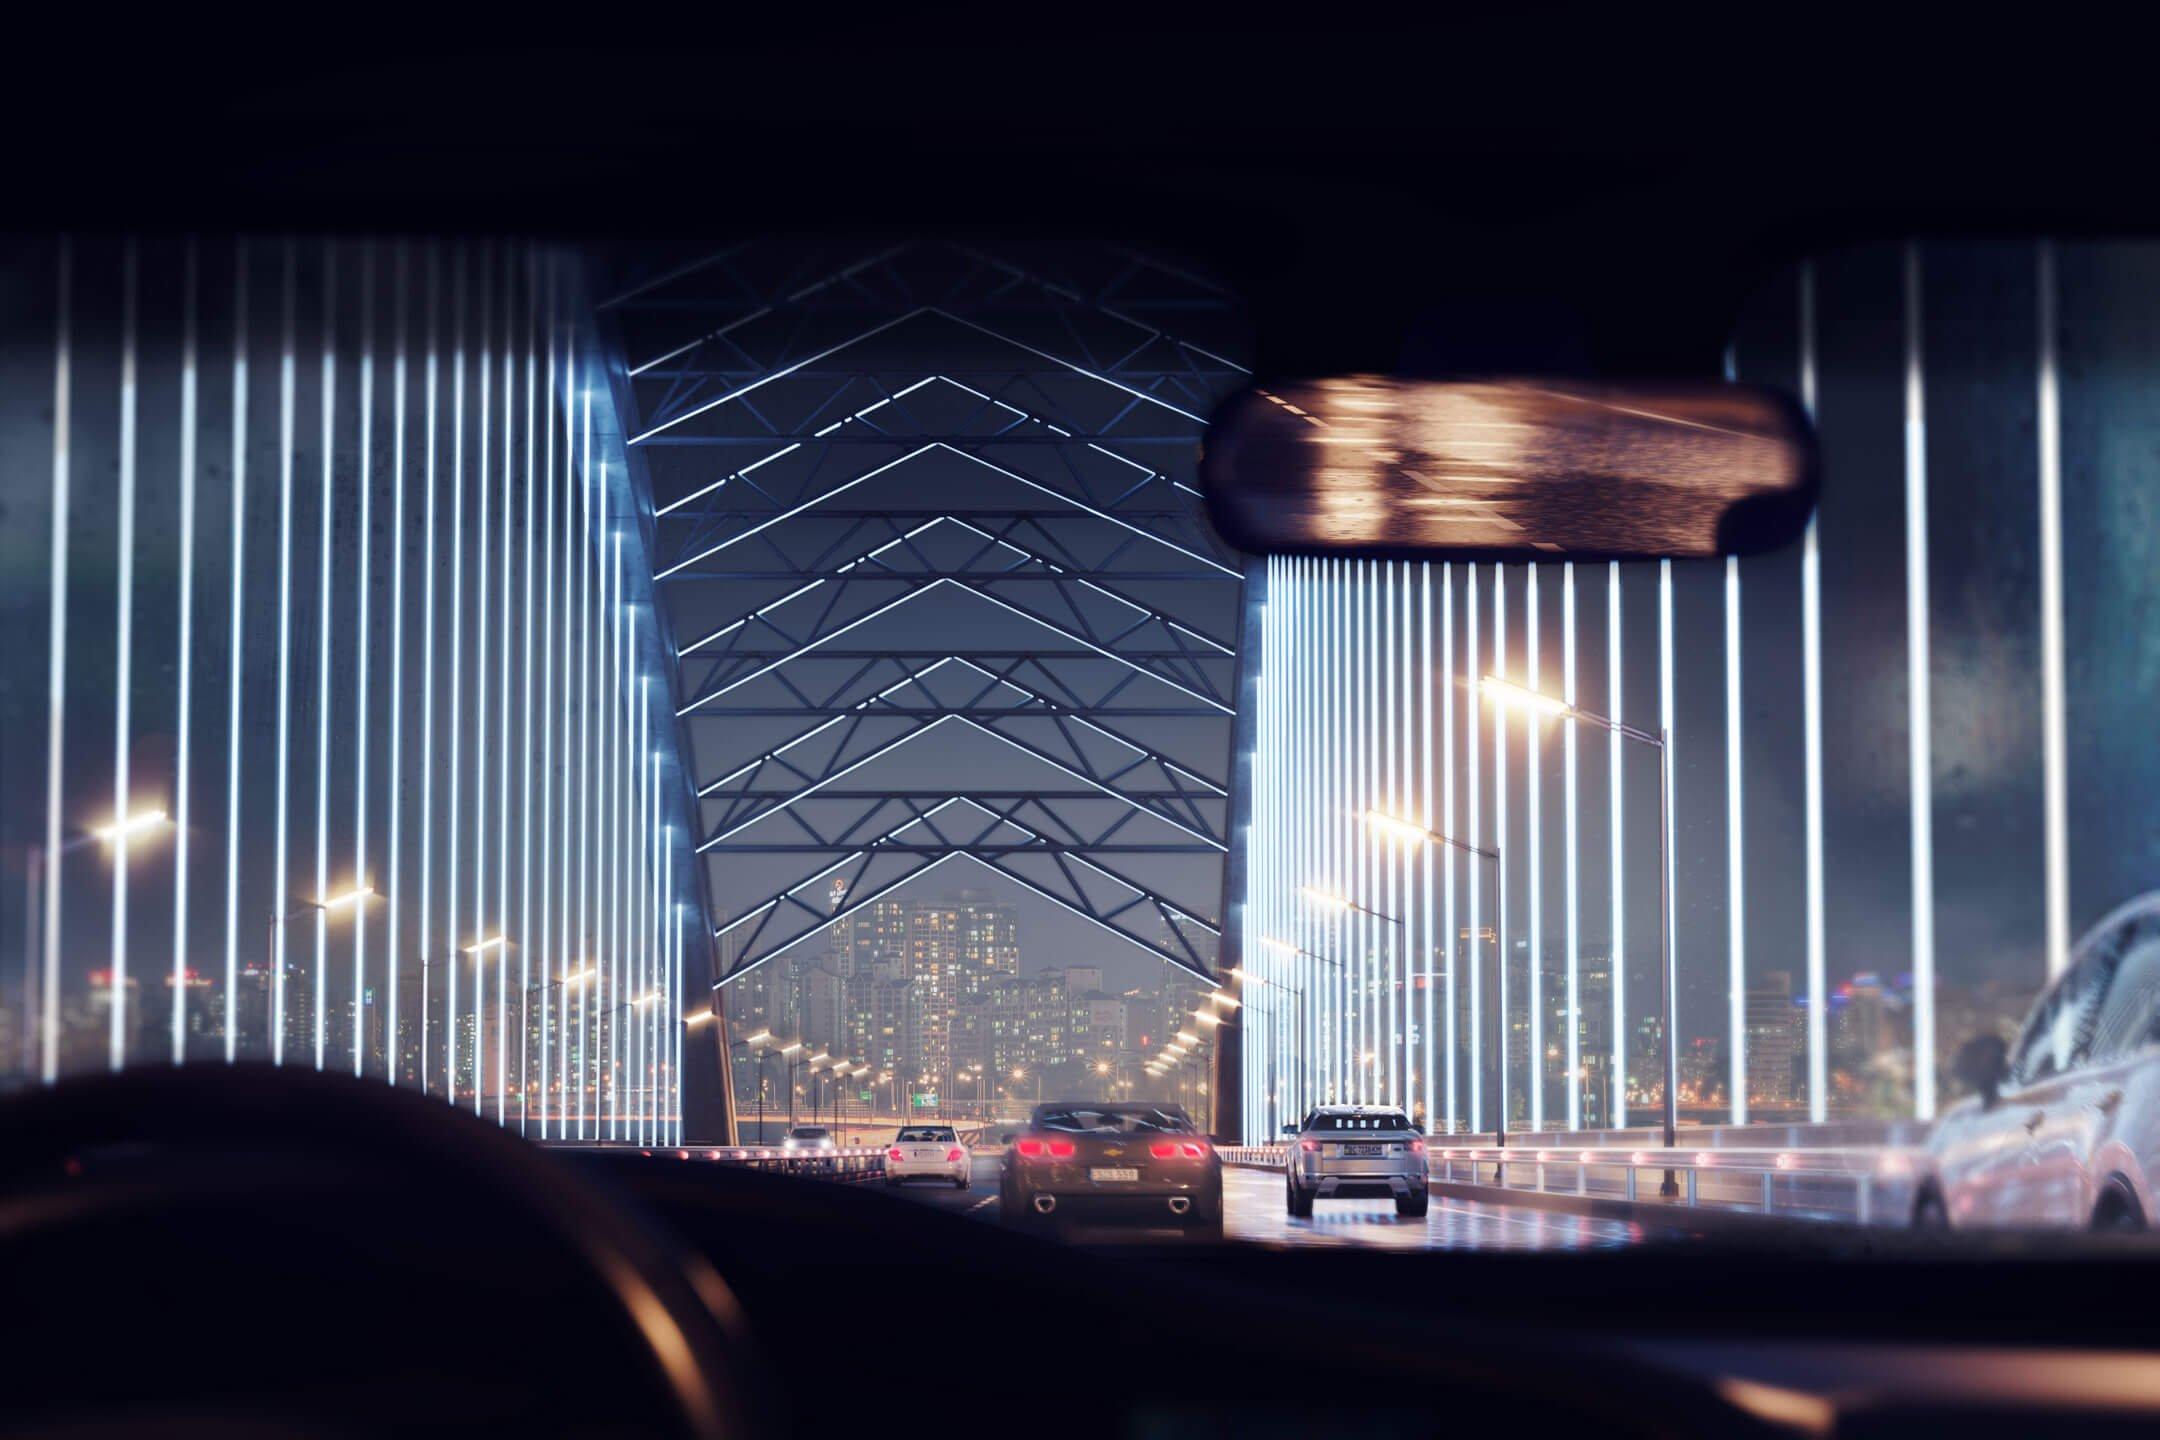 CGI of a Bridge in the Night Setting